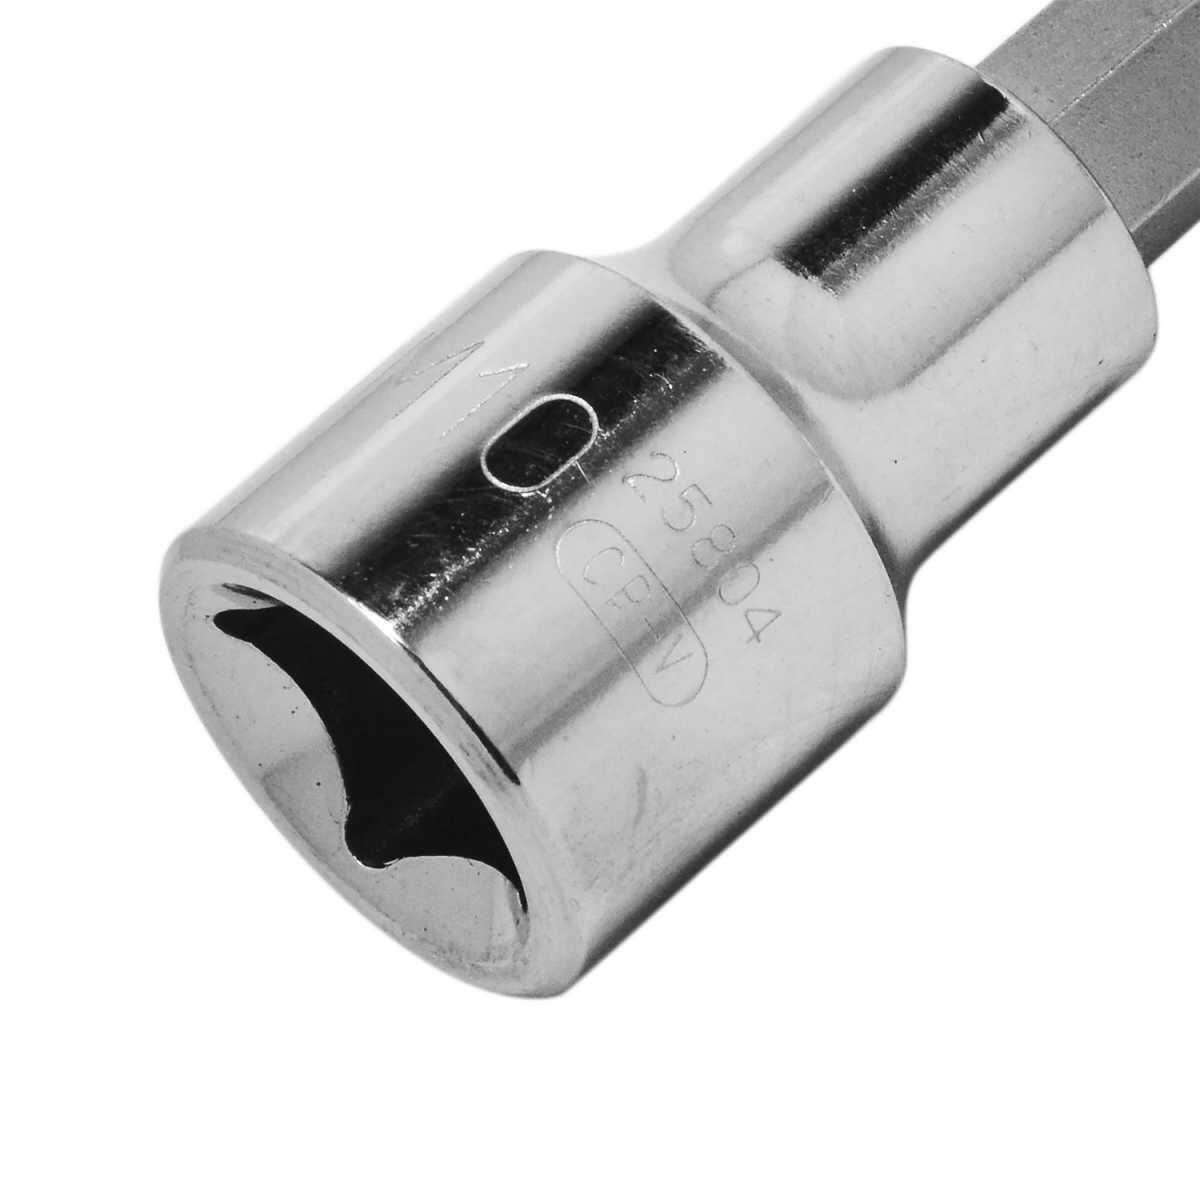 Soquete Multidentado Longo 10 MM Encaixe 1/2 Sata St25804Sc